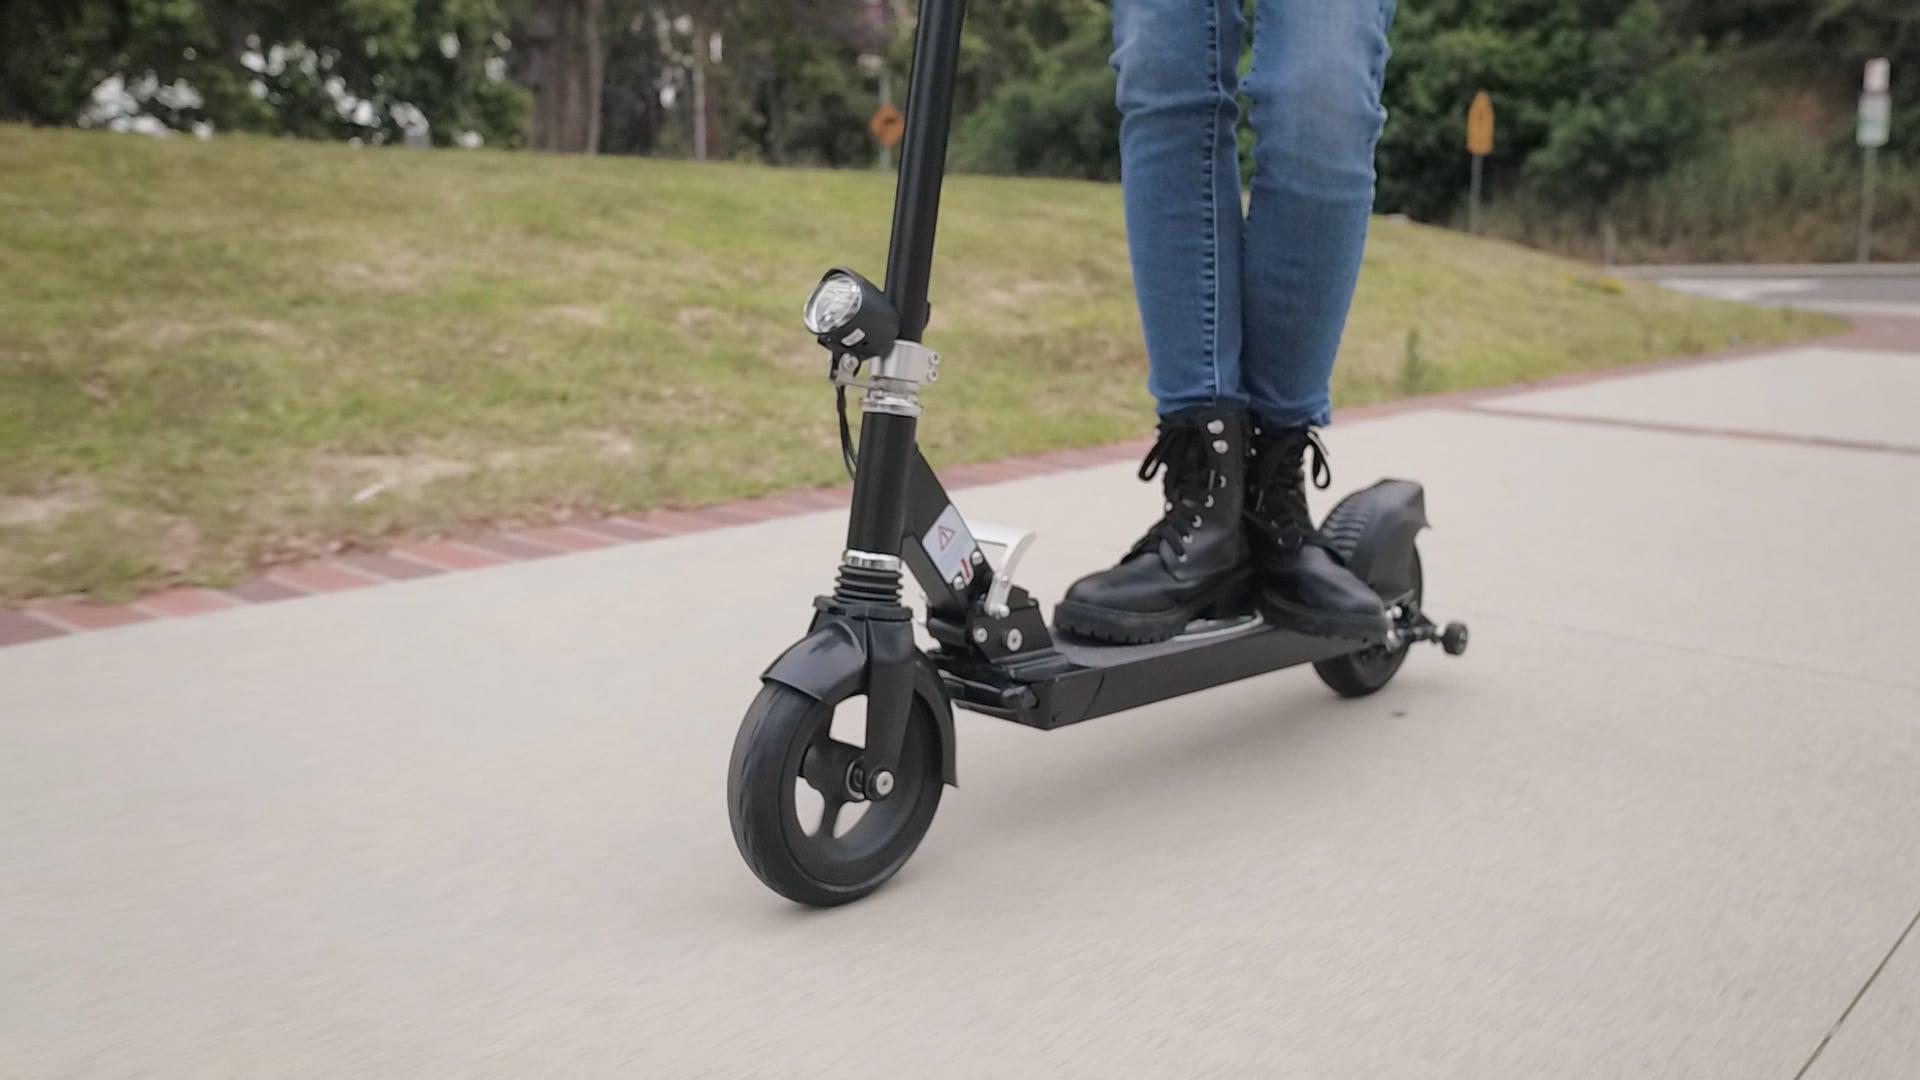 Glion Dolly - Glion Scooter